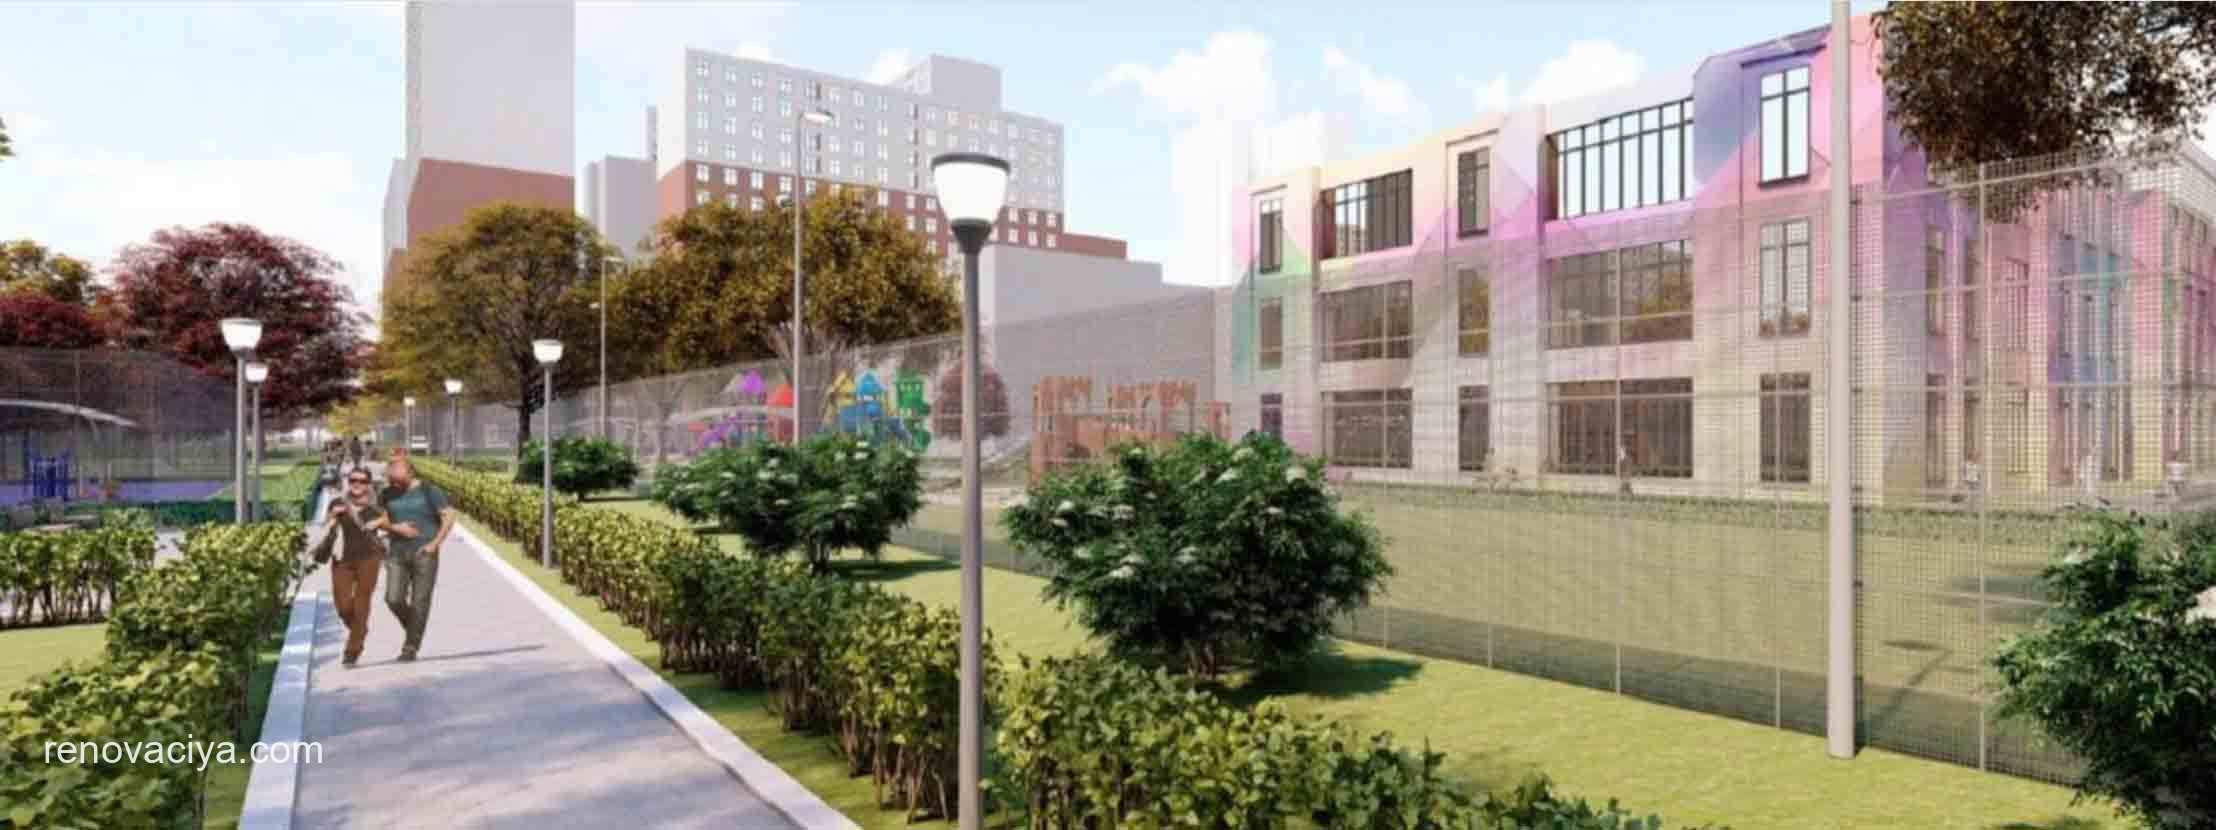 Новые школы появятся еще в пяти районах